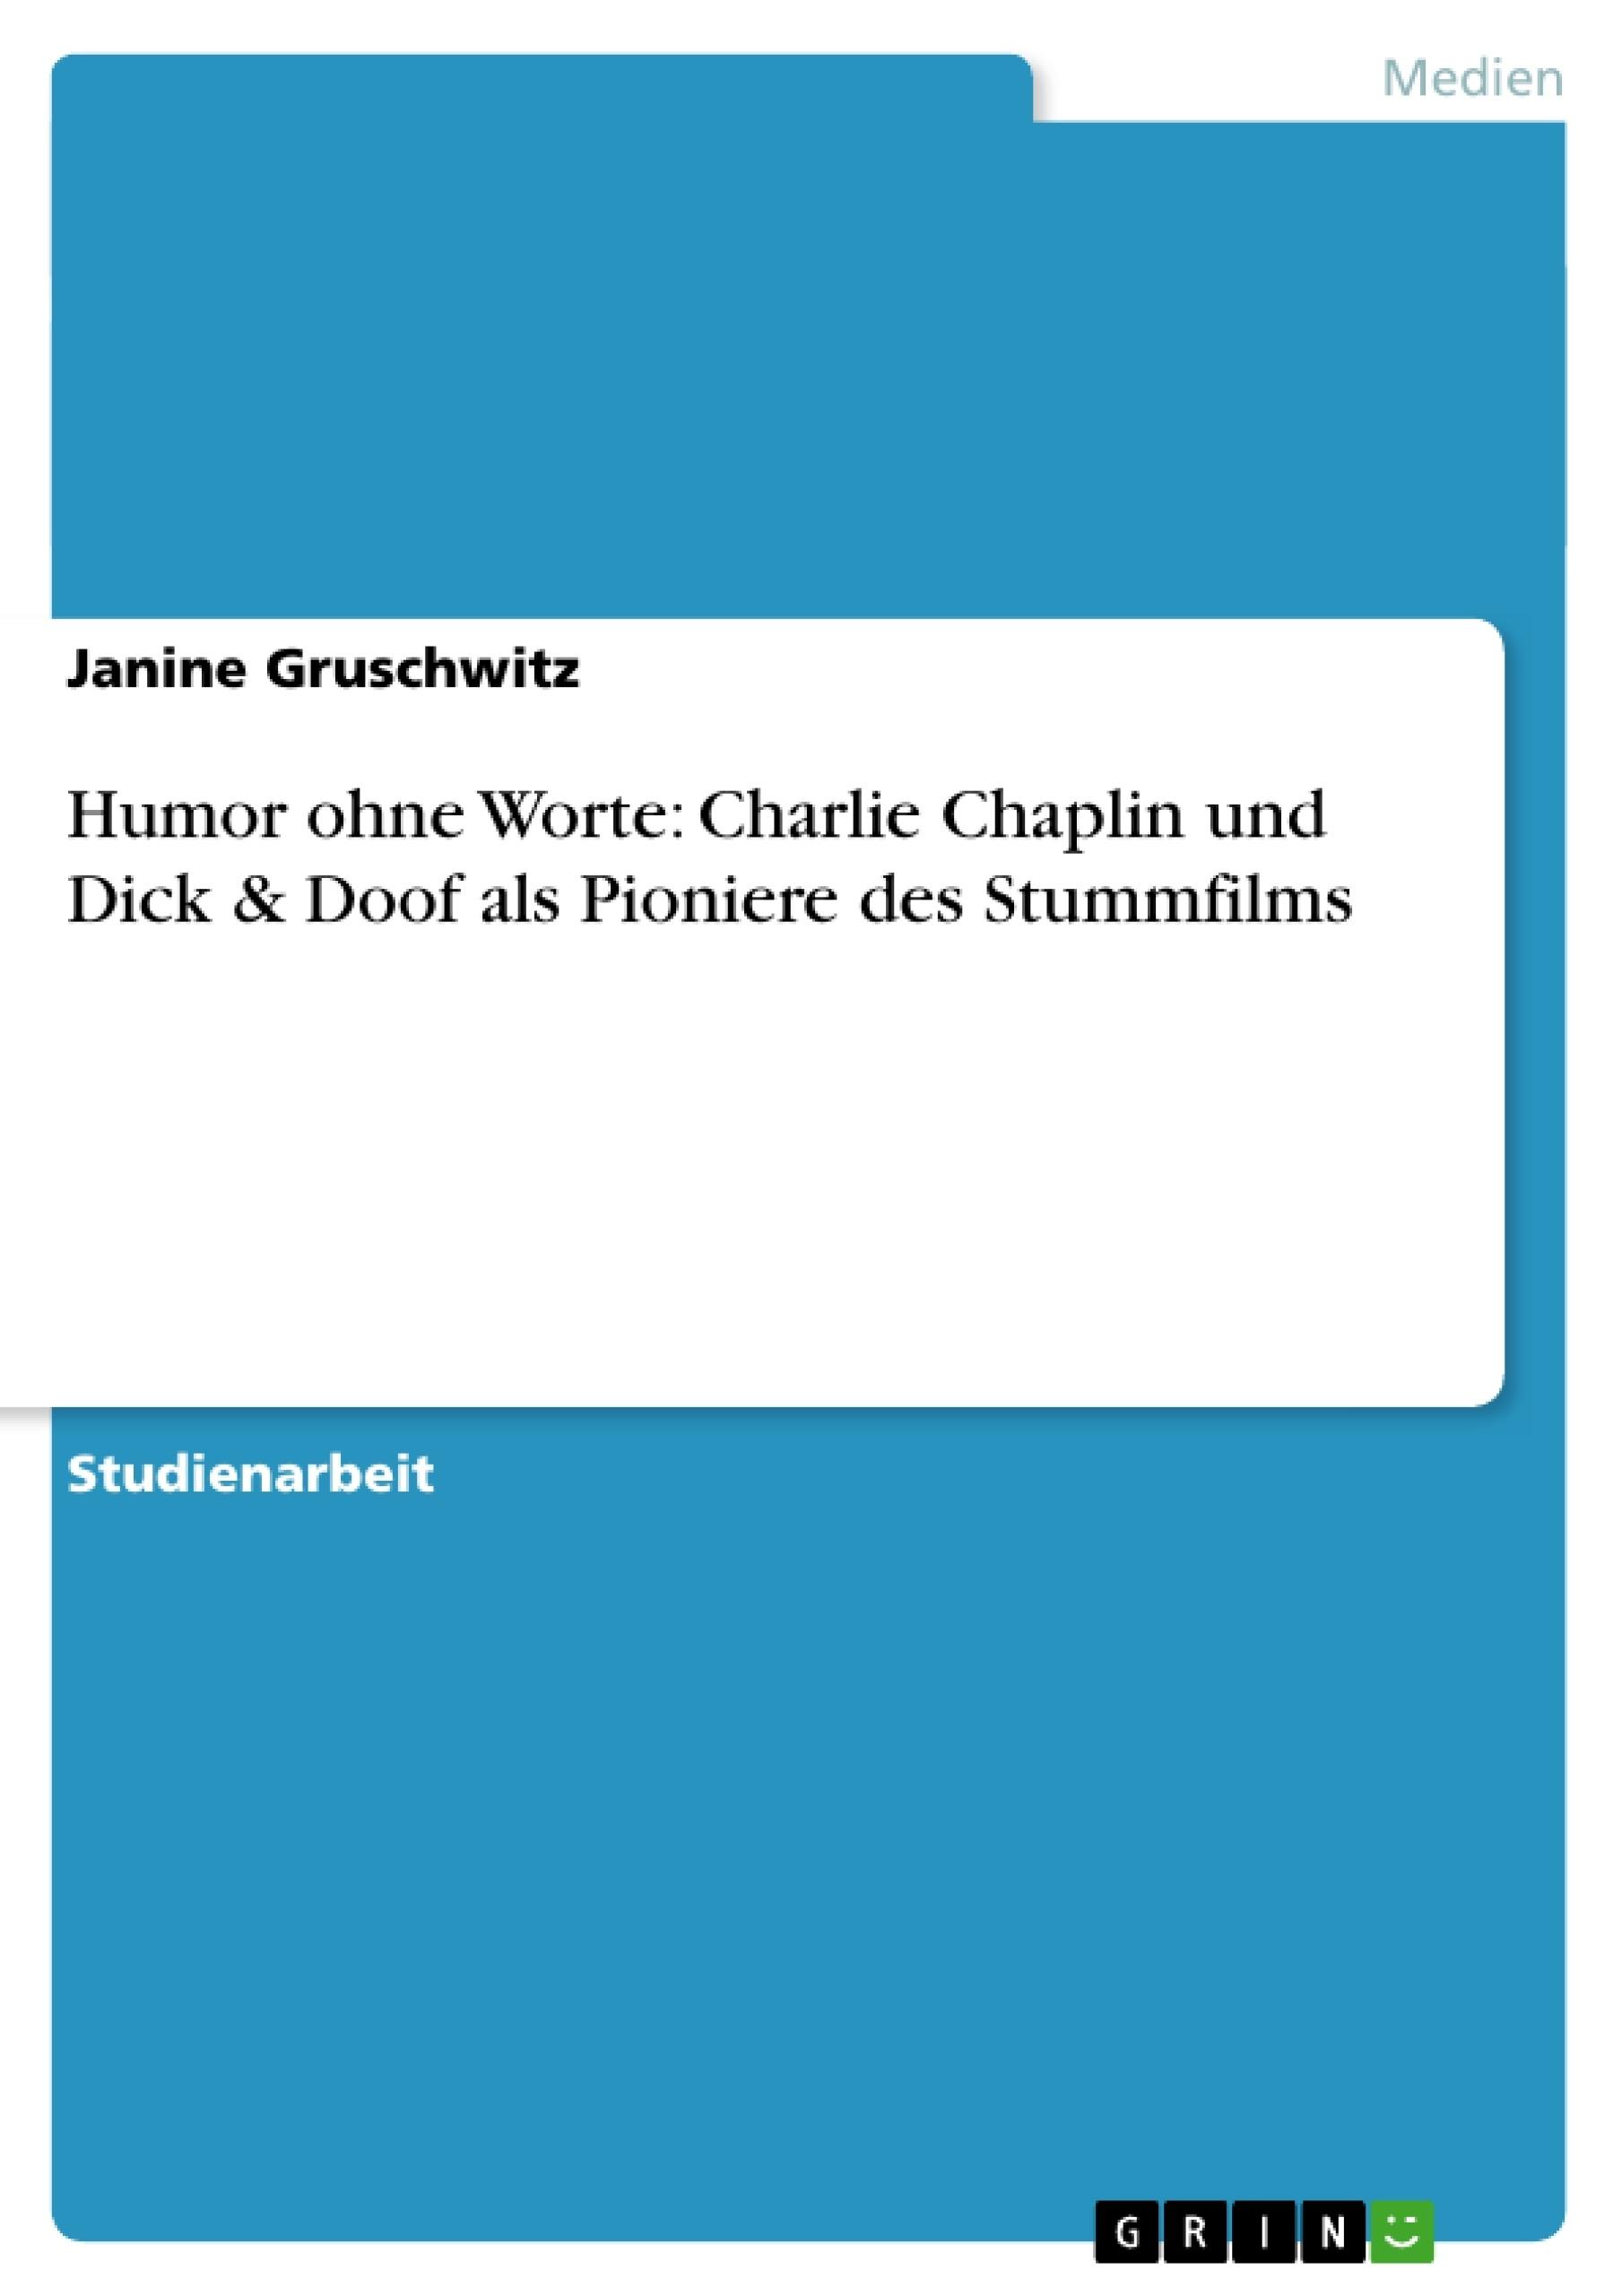 Titel: Humor ohne Worte: Charlie Chaplin und Dick & Doof als Pioniere des Stummfilms